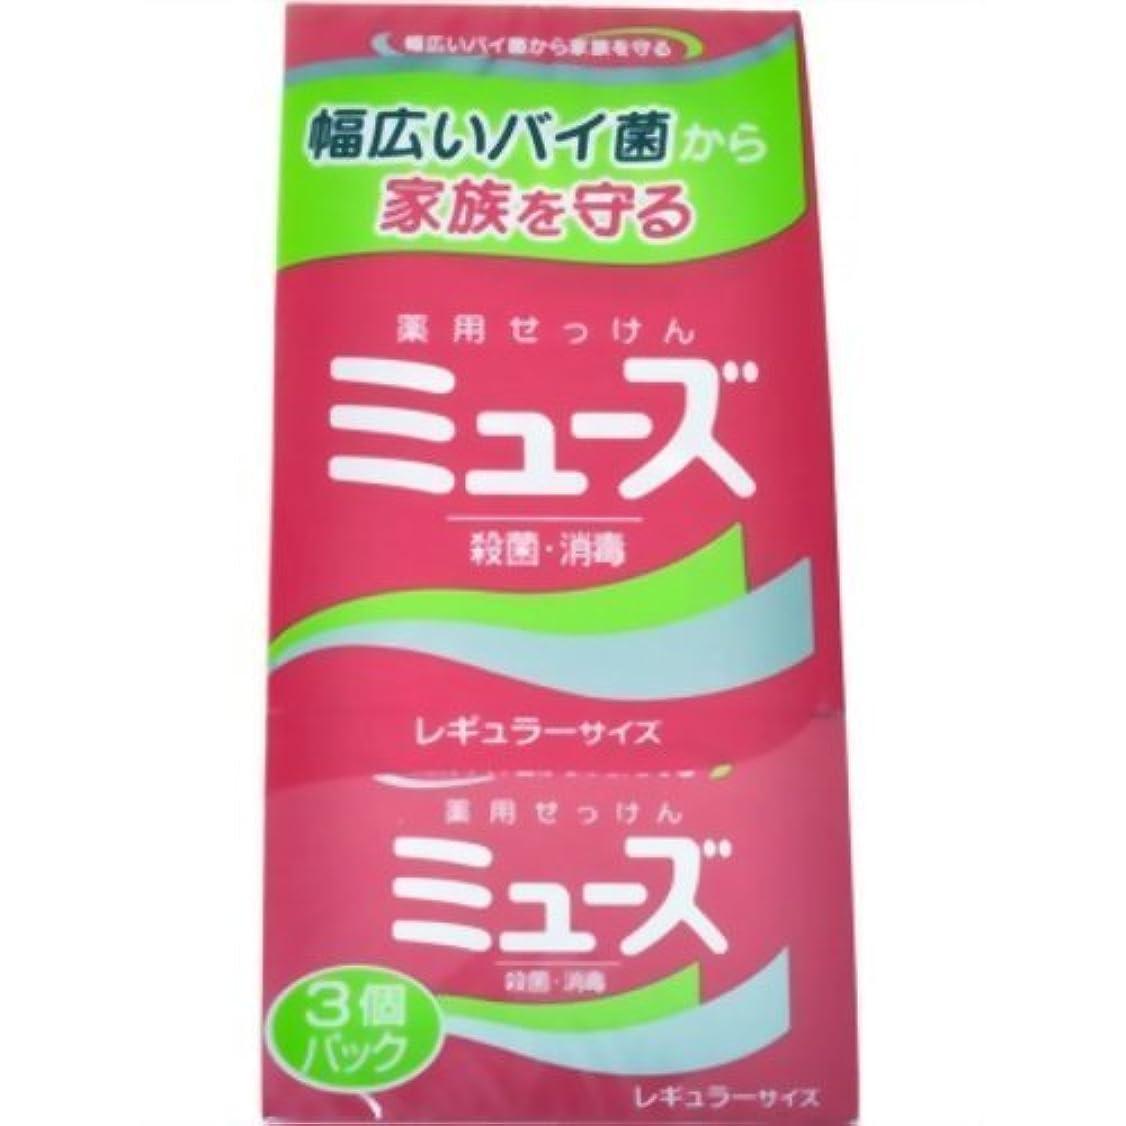 ミューズ石鹸 レギュラー 3P ×6個セット